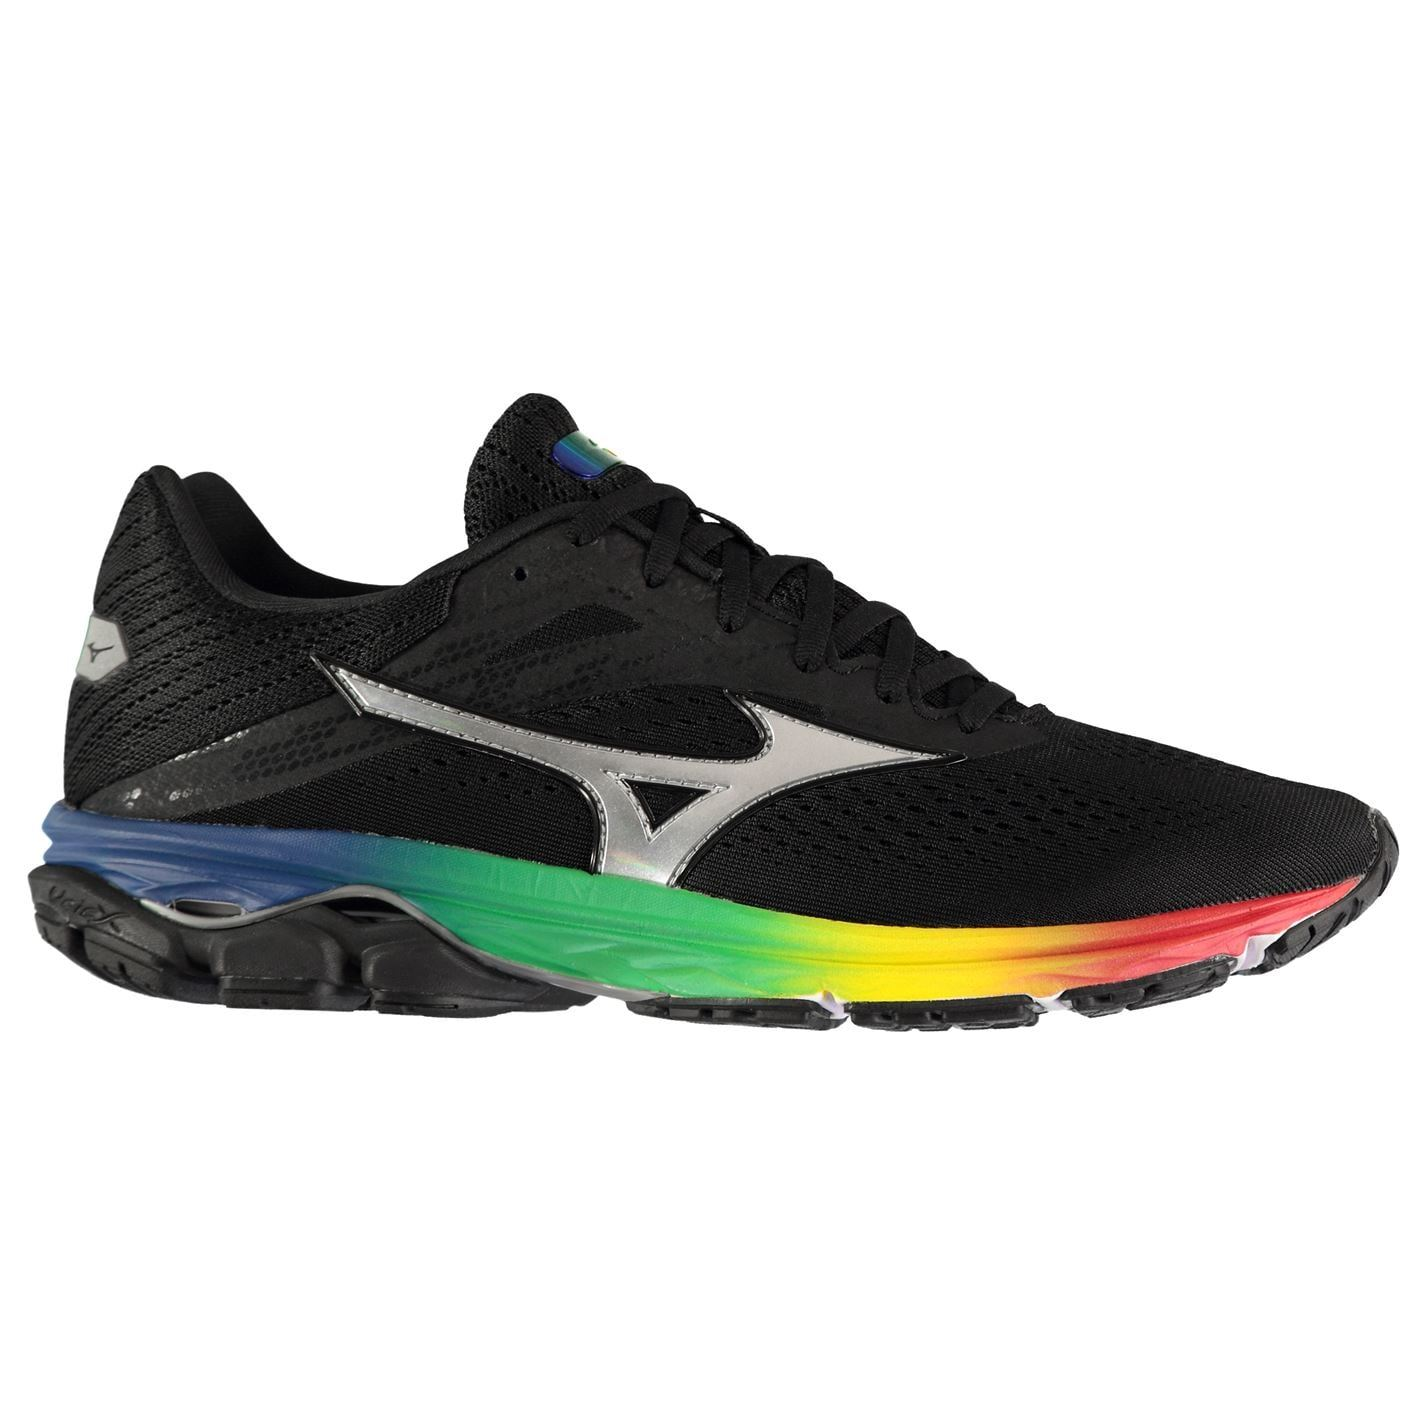 mens mizuno running shoes size 9.5 eu west australian mens shoes